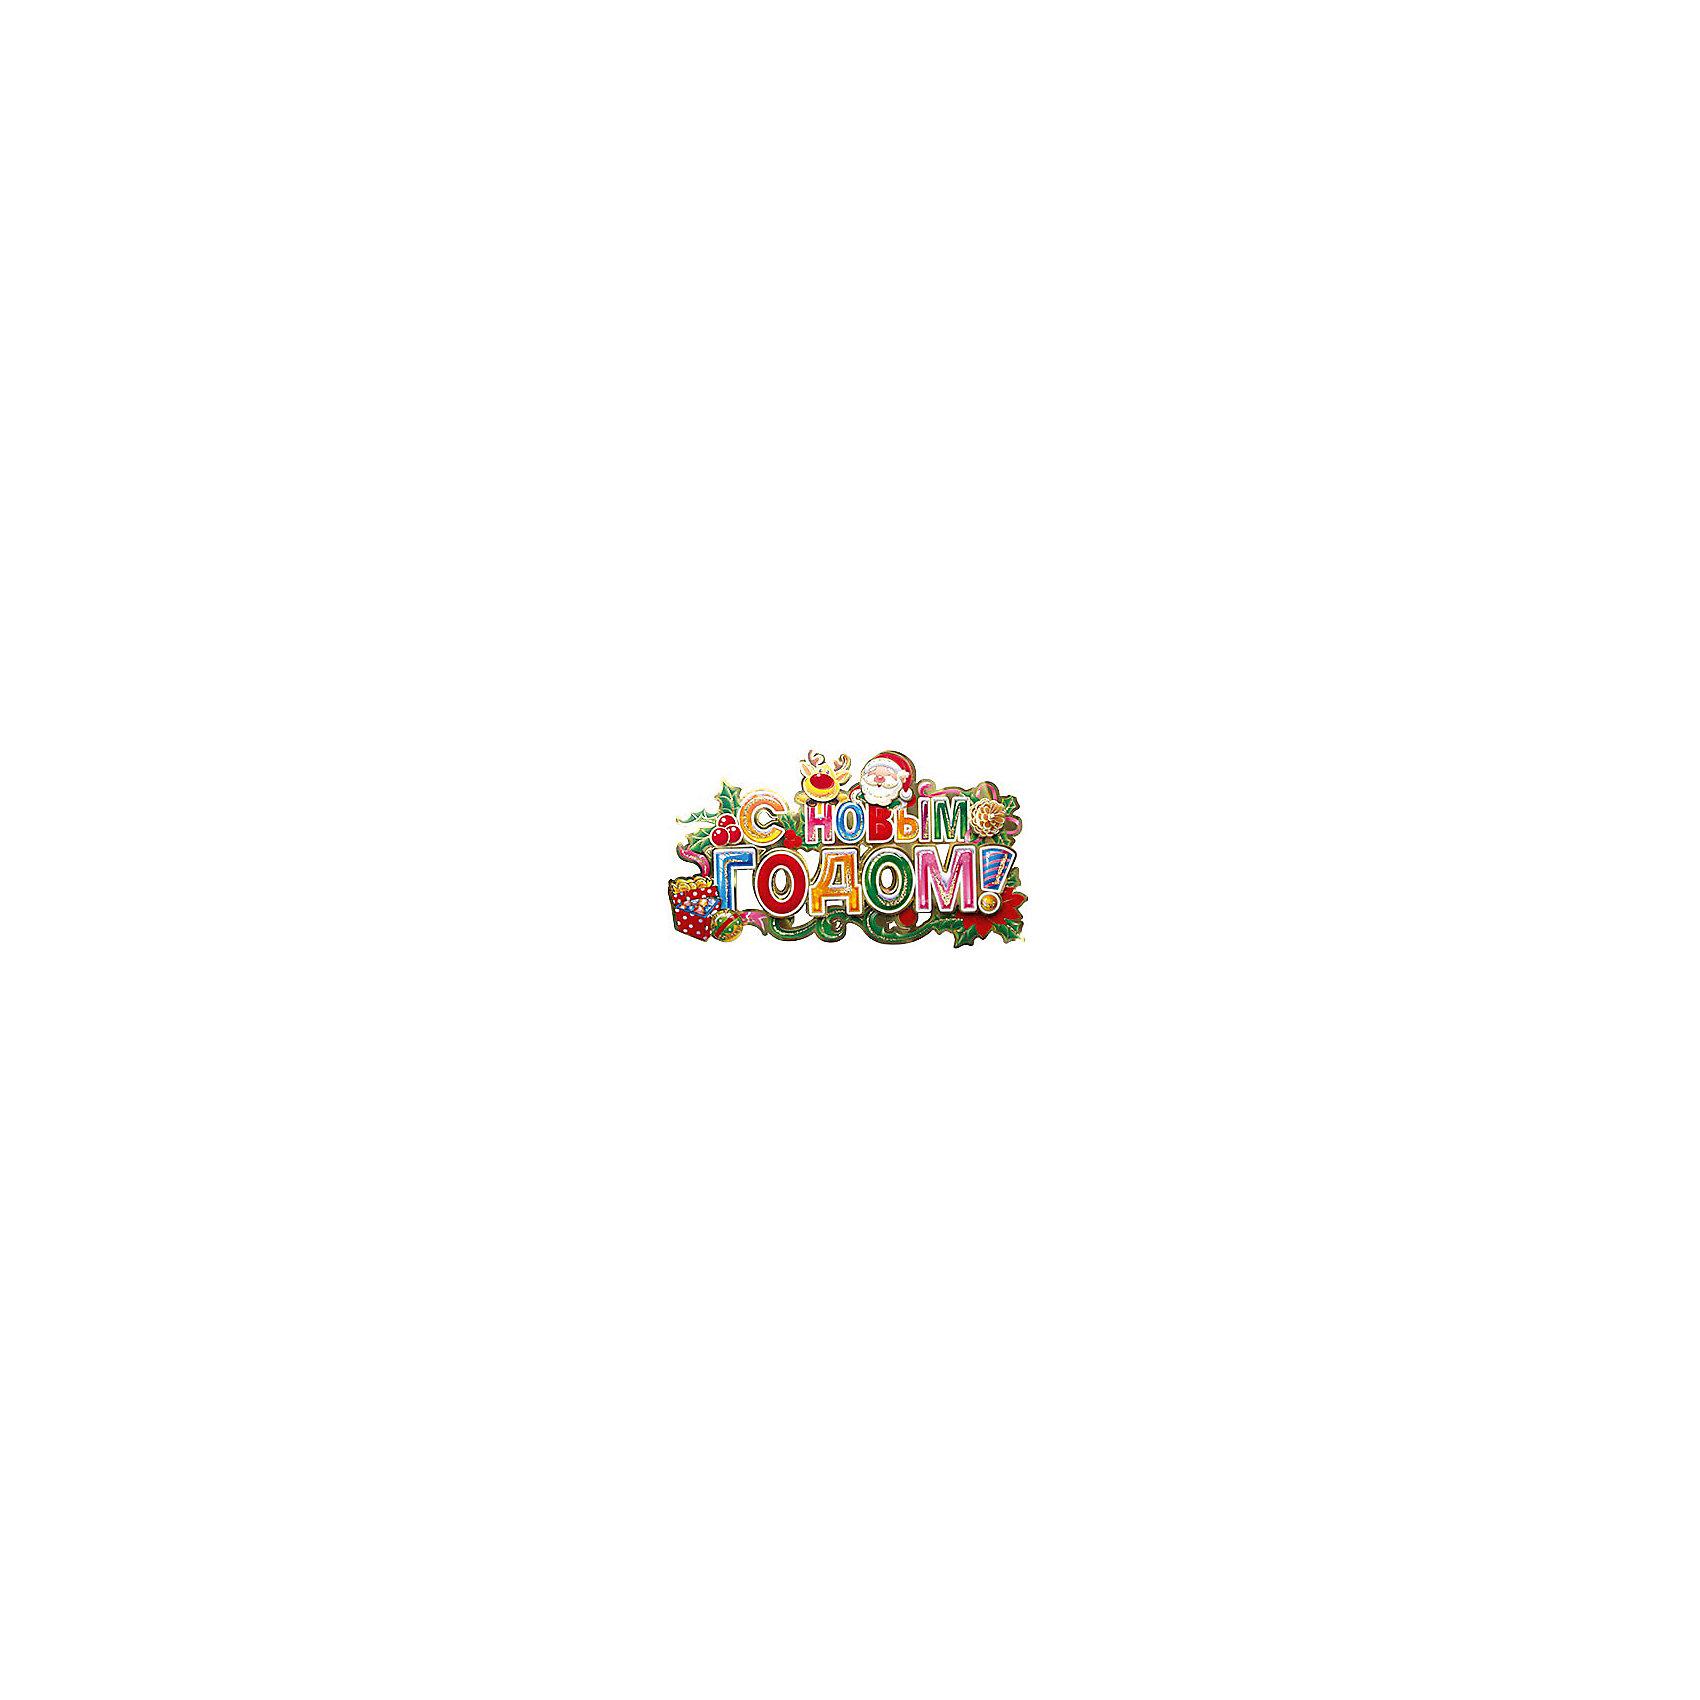 Marko Ferenzo Наклейка С Новым Годом, 3D marko ferenzo набор желудей 3 шт grande 4 см золотой